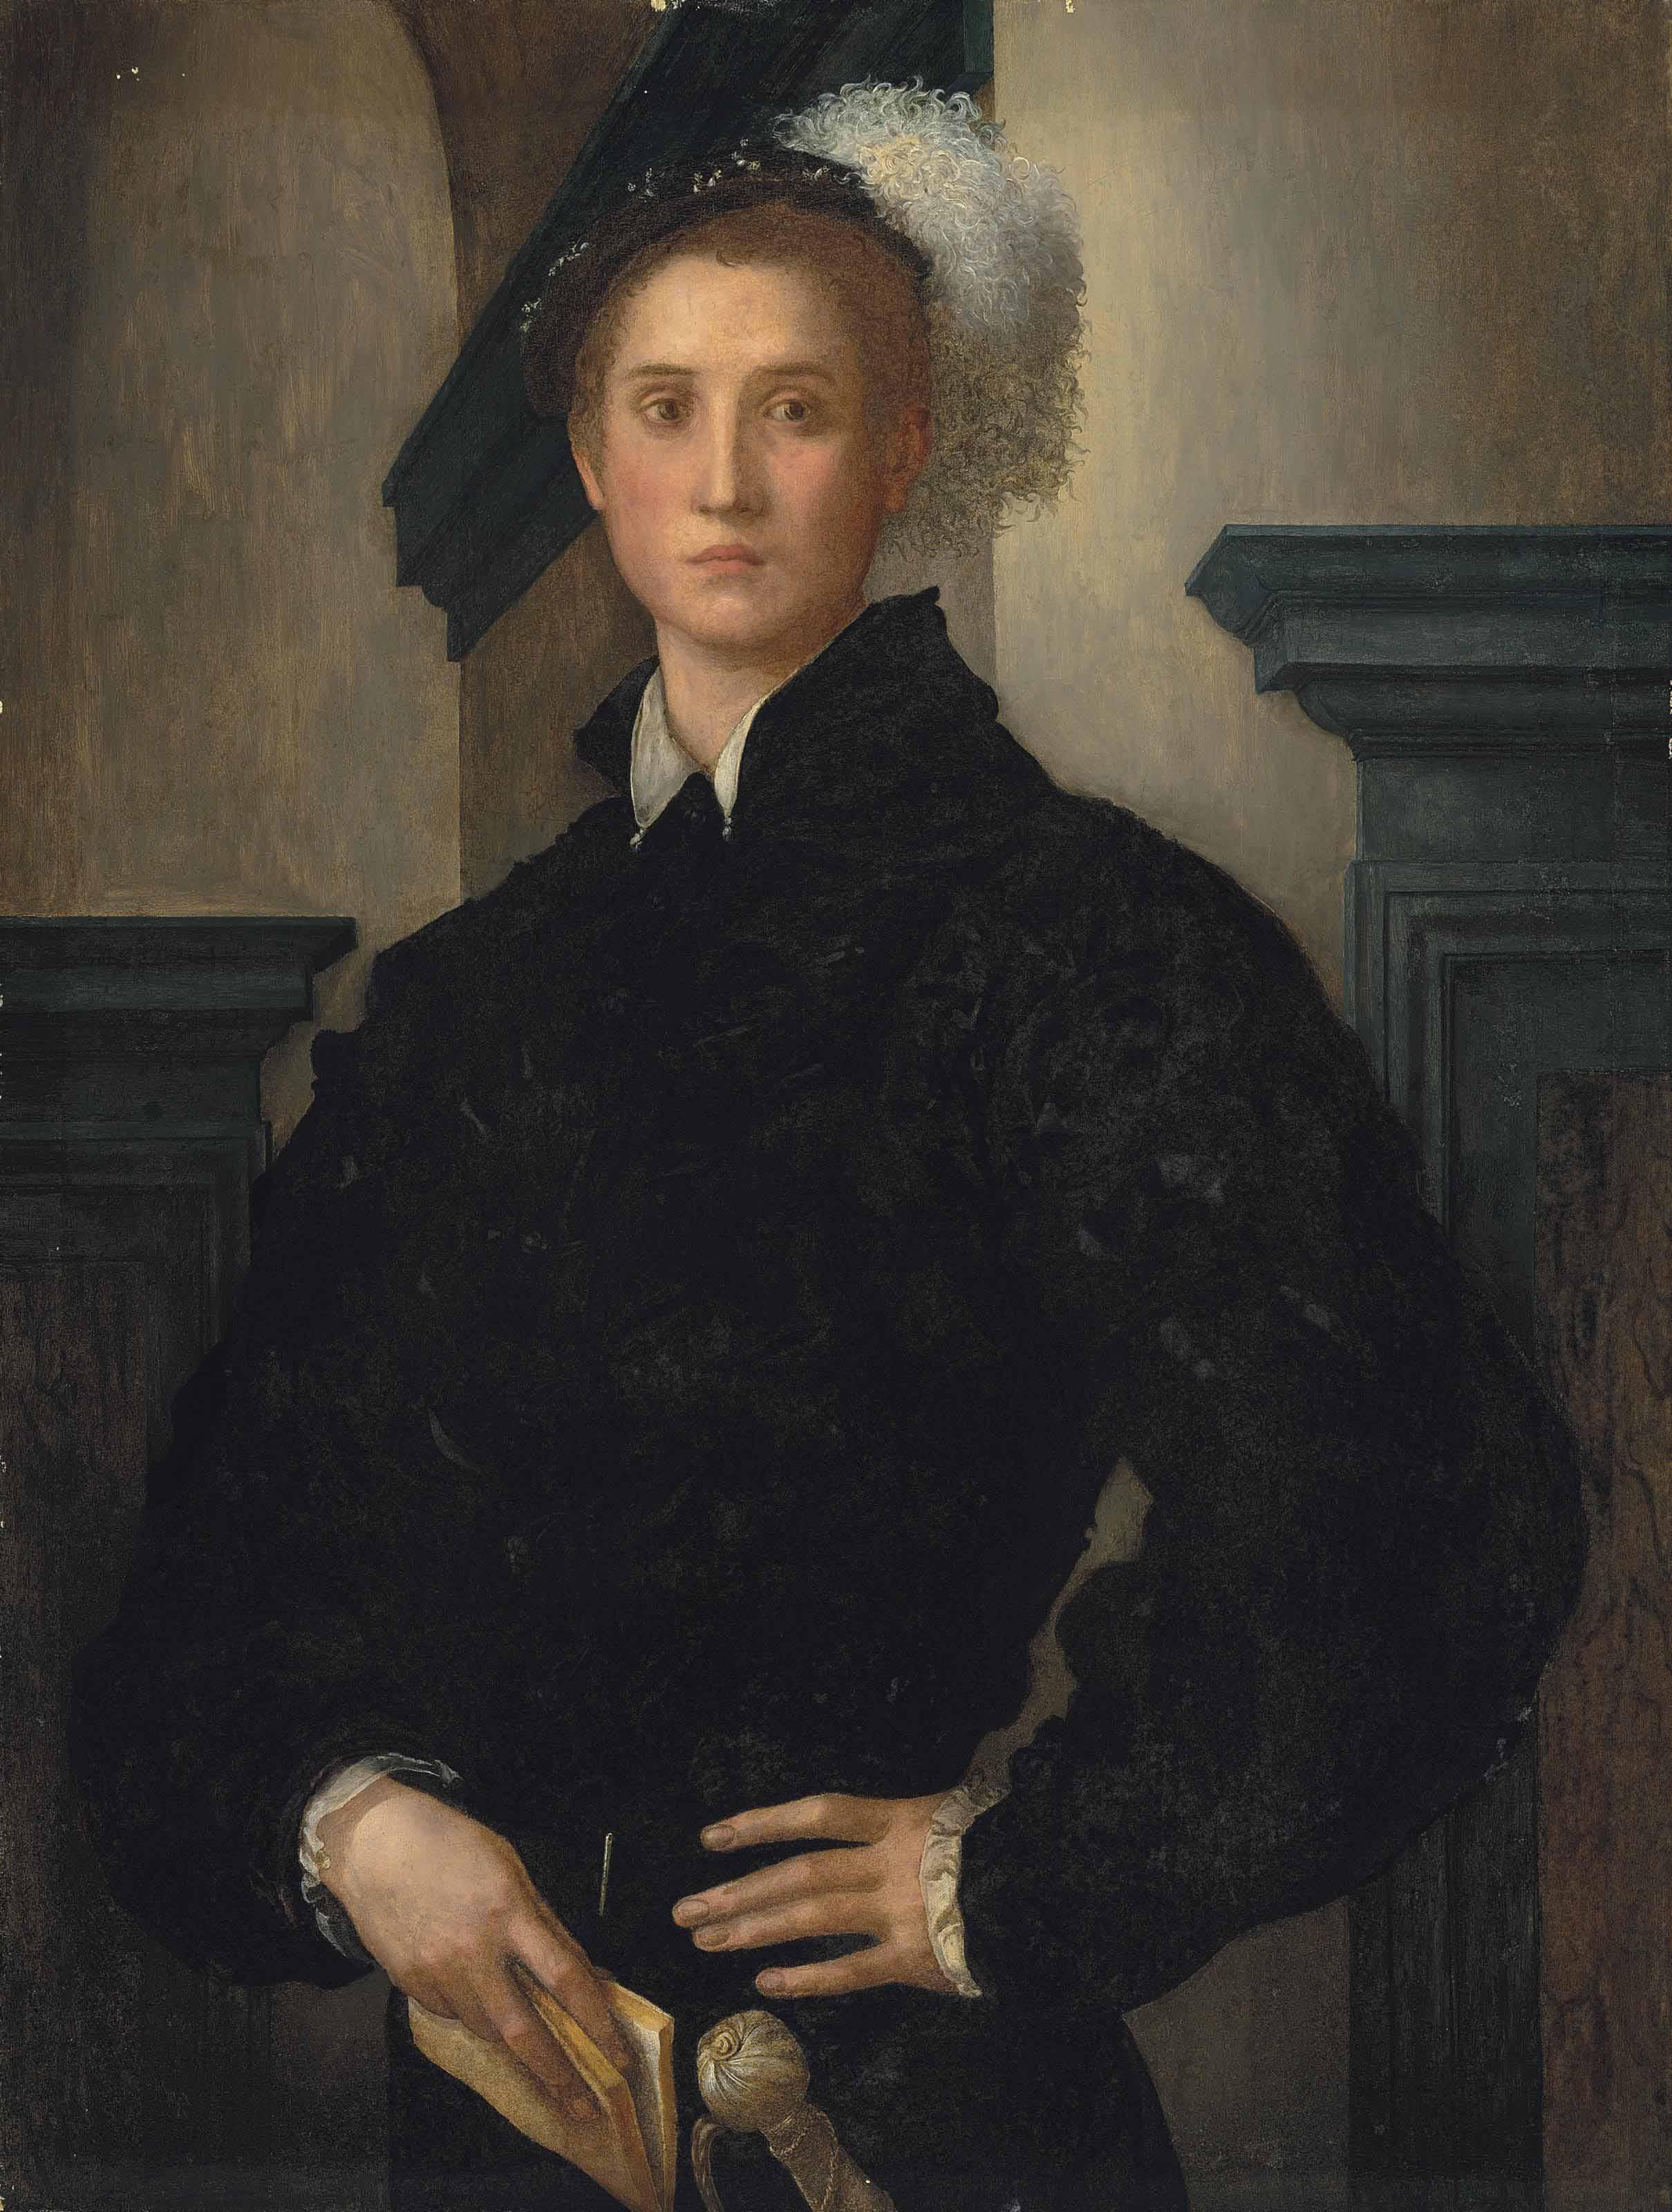 Jacopo Carucci, called Jacopo